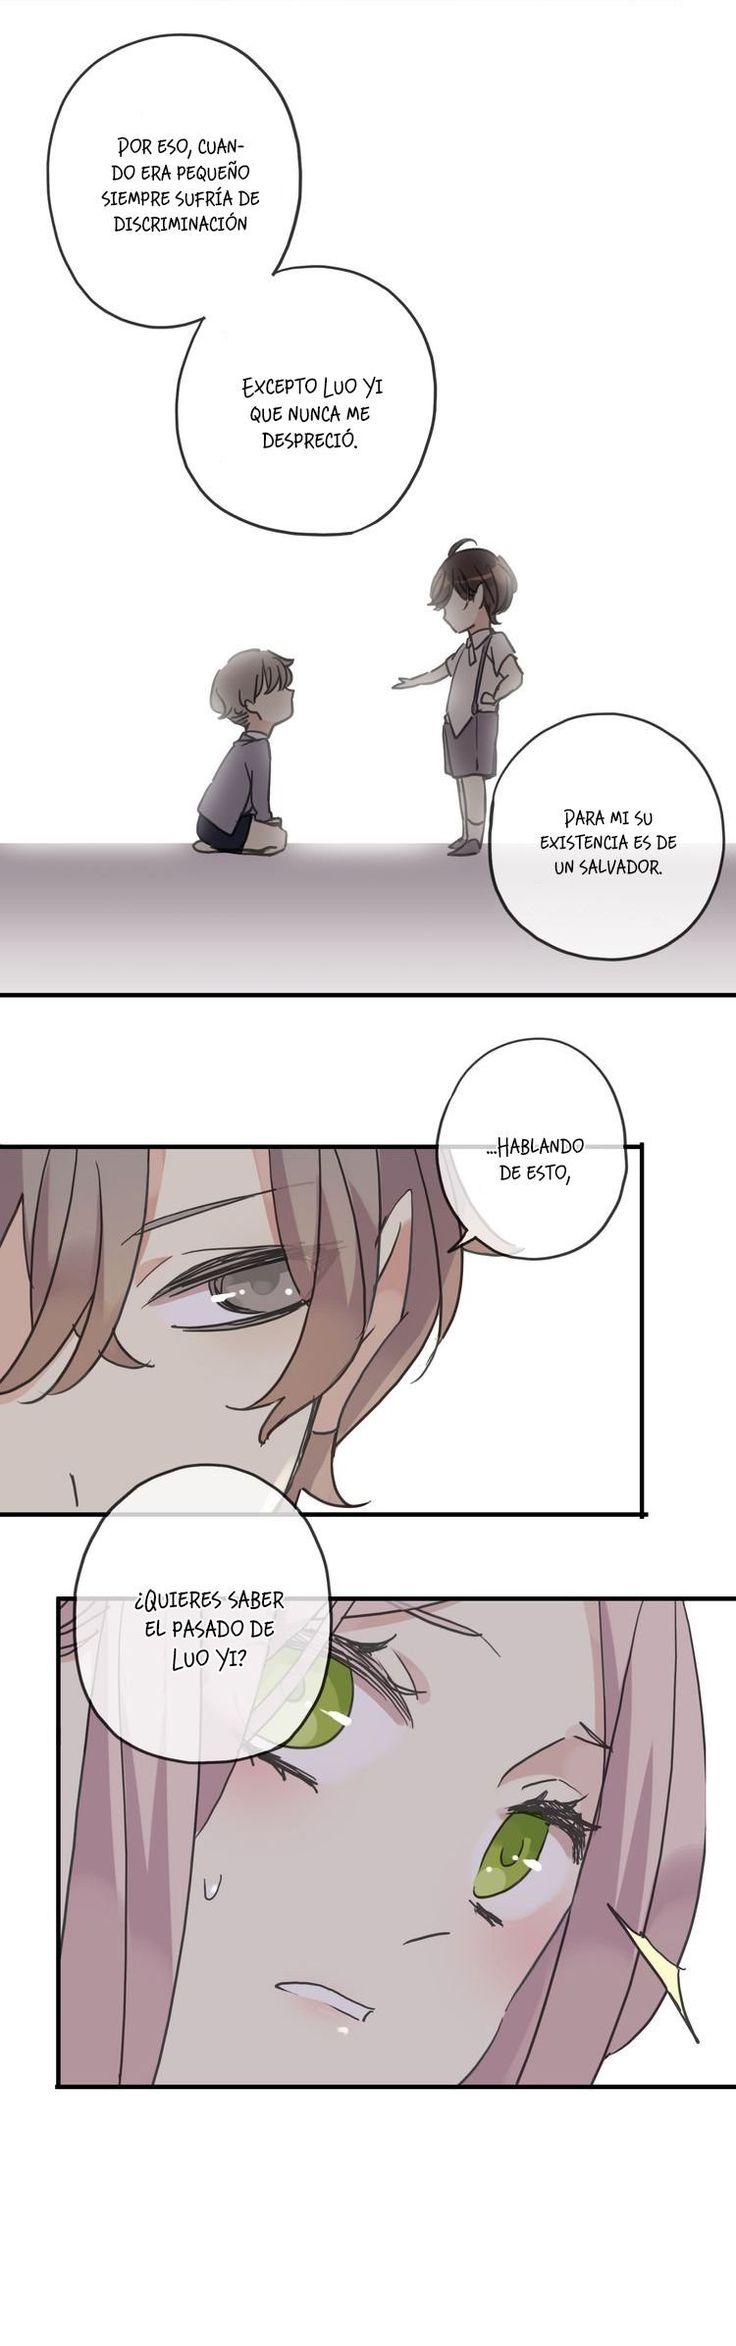 Dulces Mordidas Capítulo 25 página 5 (Cargar imágenes: 10) - Leer Manga en Español gratis en NineManga.com